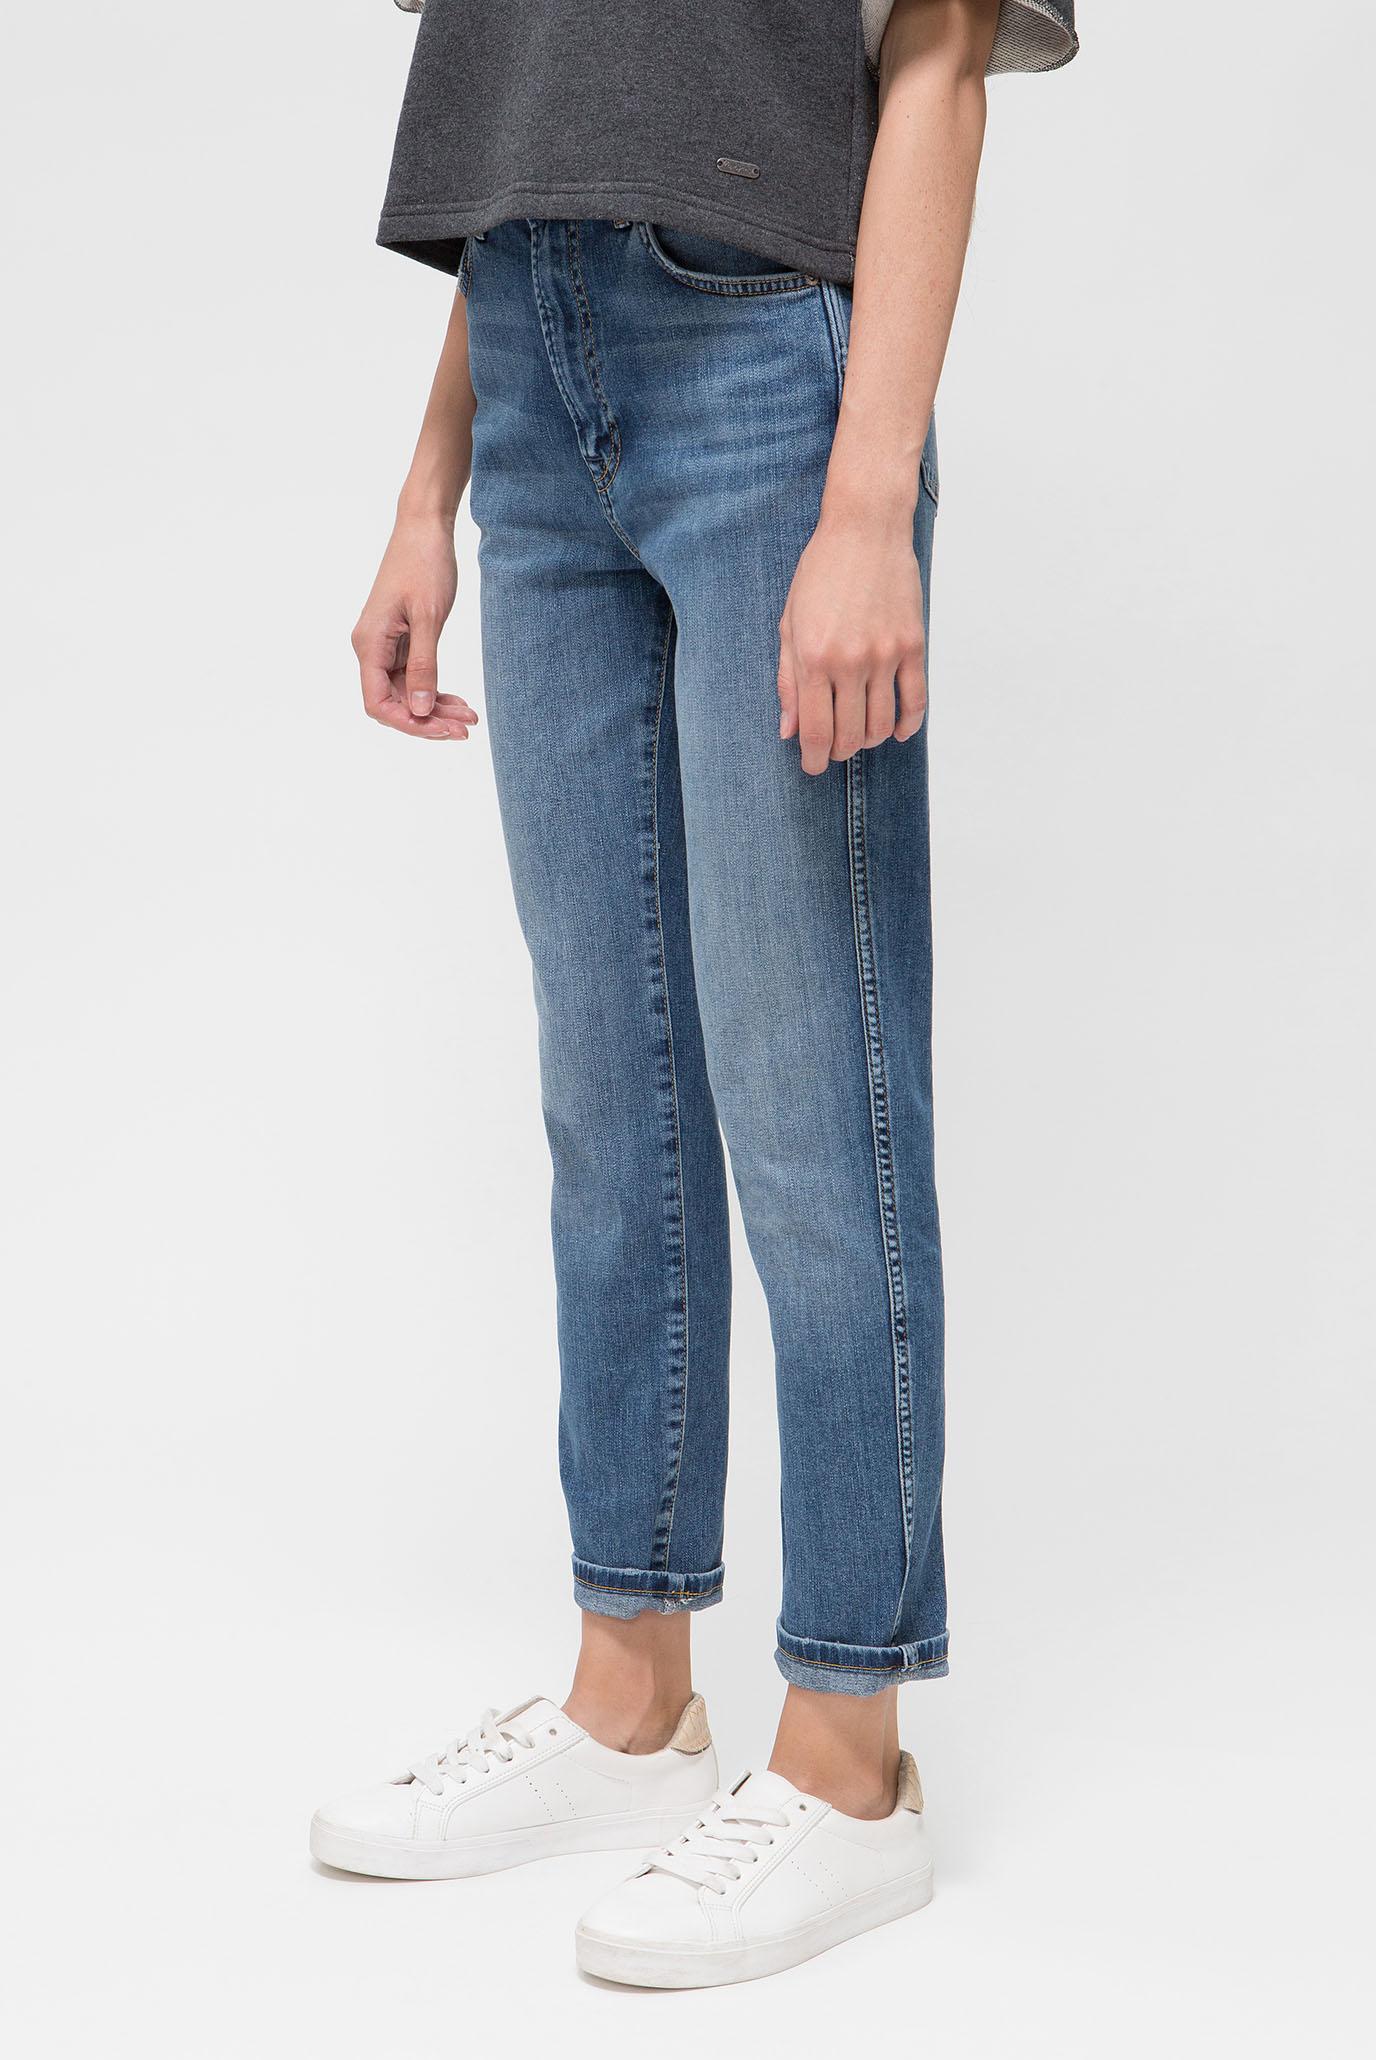 Купить Женские синие джинсы BETTY Pepe Jeans Pepe Jeans PL202174GH78 – Киев, Украина. Цены в интернет магазине MD Fashion